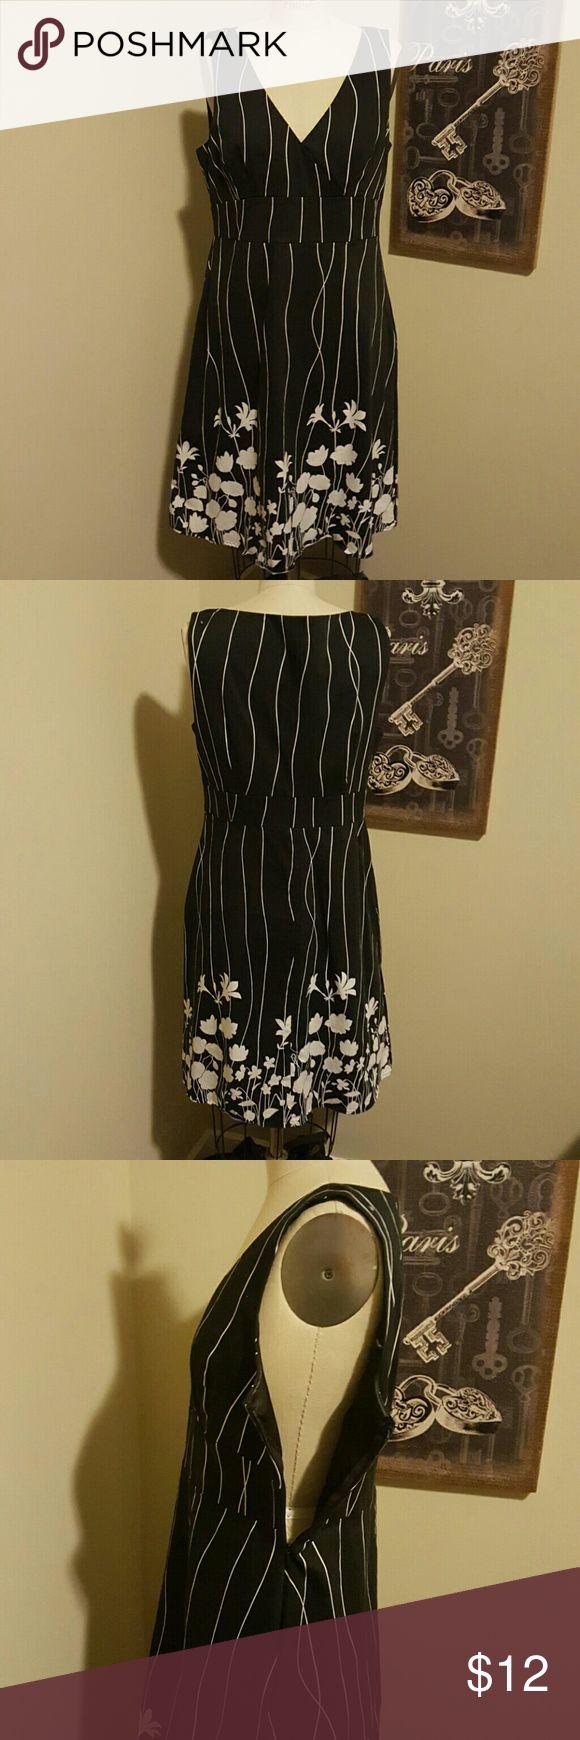 Spense Missy Dress Spense Missy Dress size 12 Black and White Sleeveless Spense Dresses